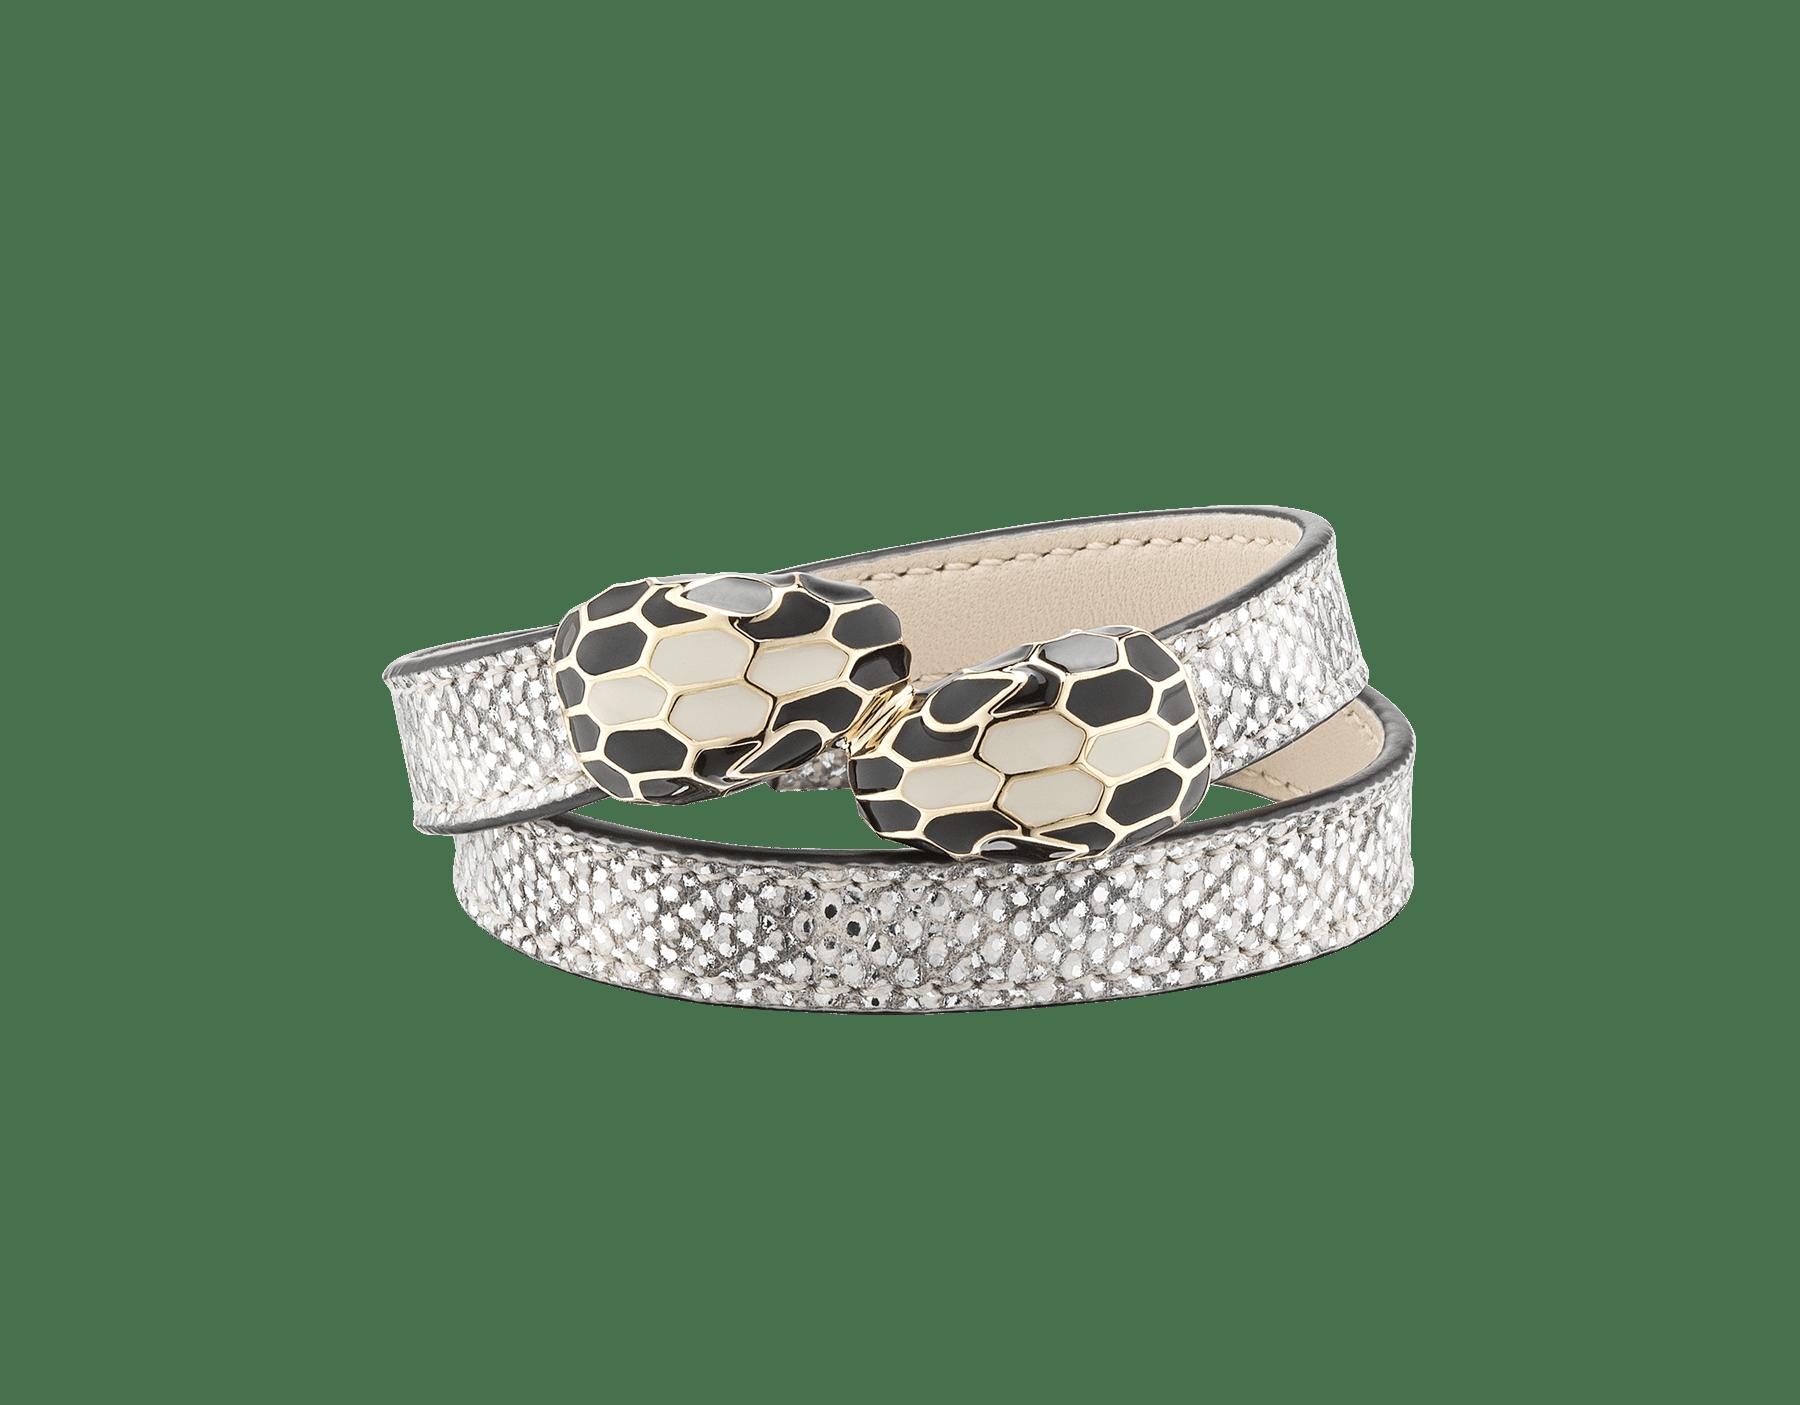 Bracelet multi-tours Serpenti Forever en karung métallisé couleur blanc agate avec détails en laiton doré. Motif en miroir Serpenti emblématique en émail noir et couleur blanc agate avec yeux en émail noir. MCSerp-MK-WA image 1